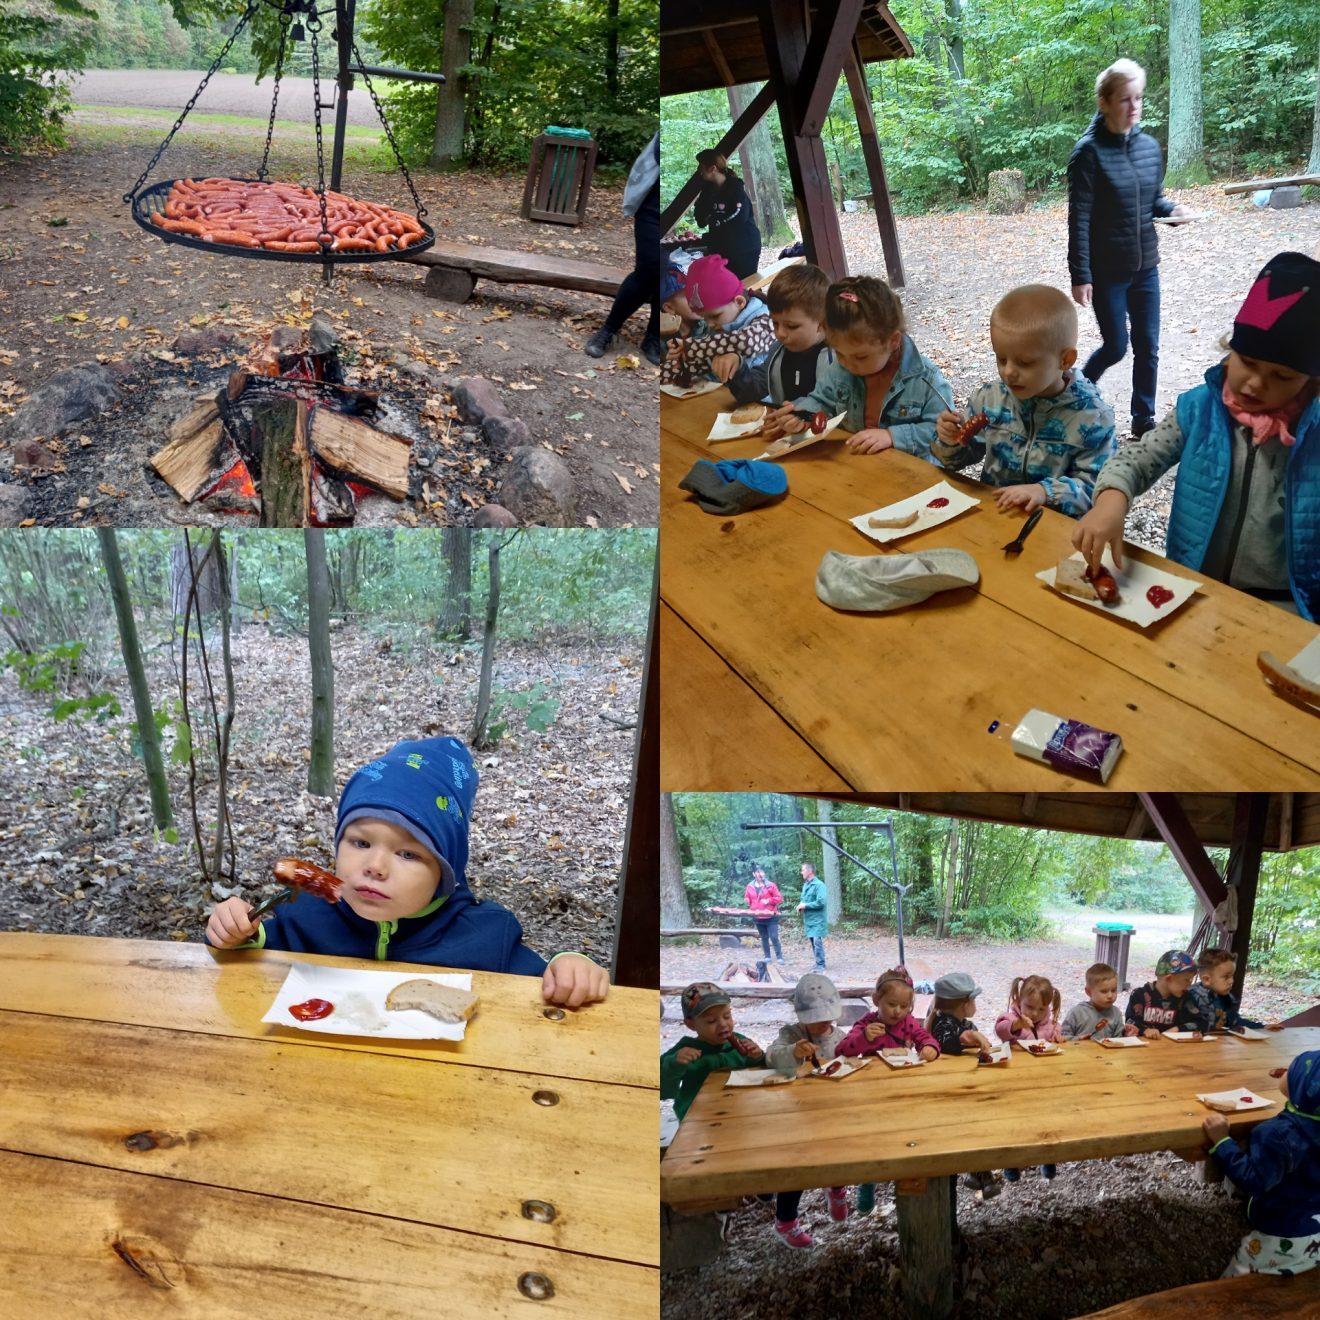 dzieci jedzą pieczoną kiełbaskę 2